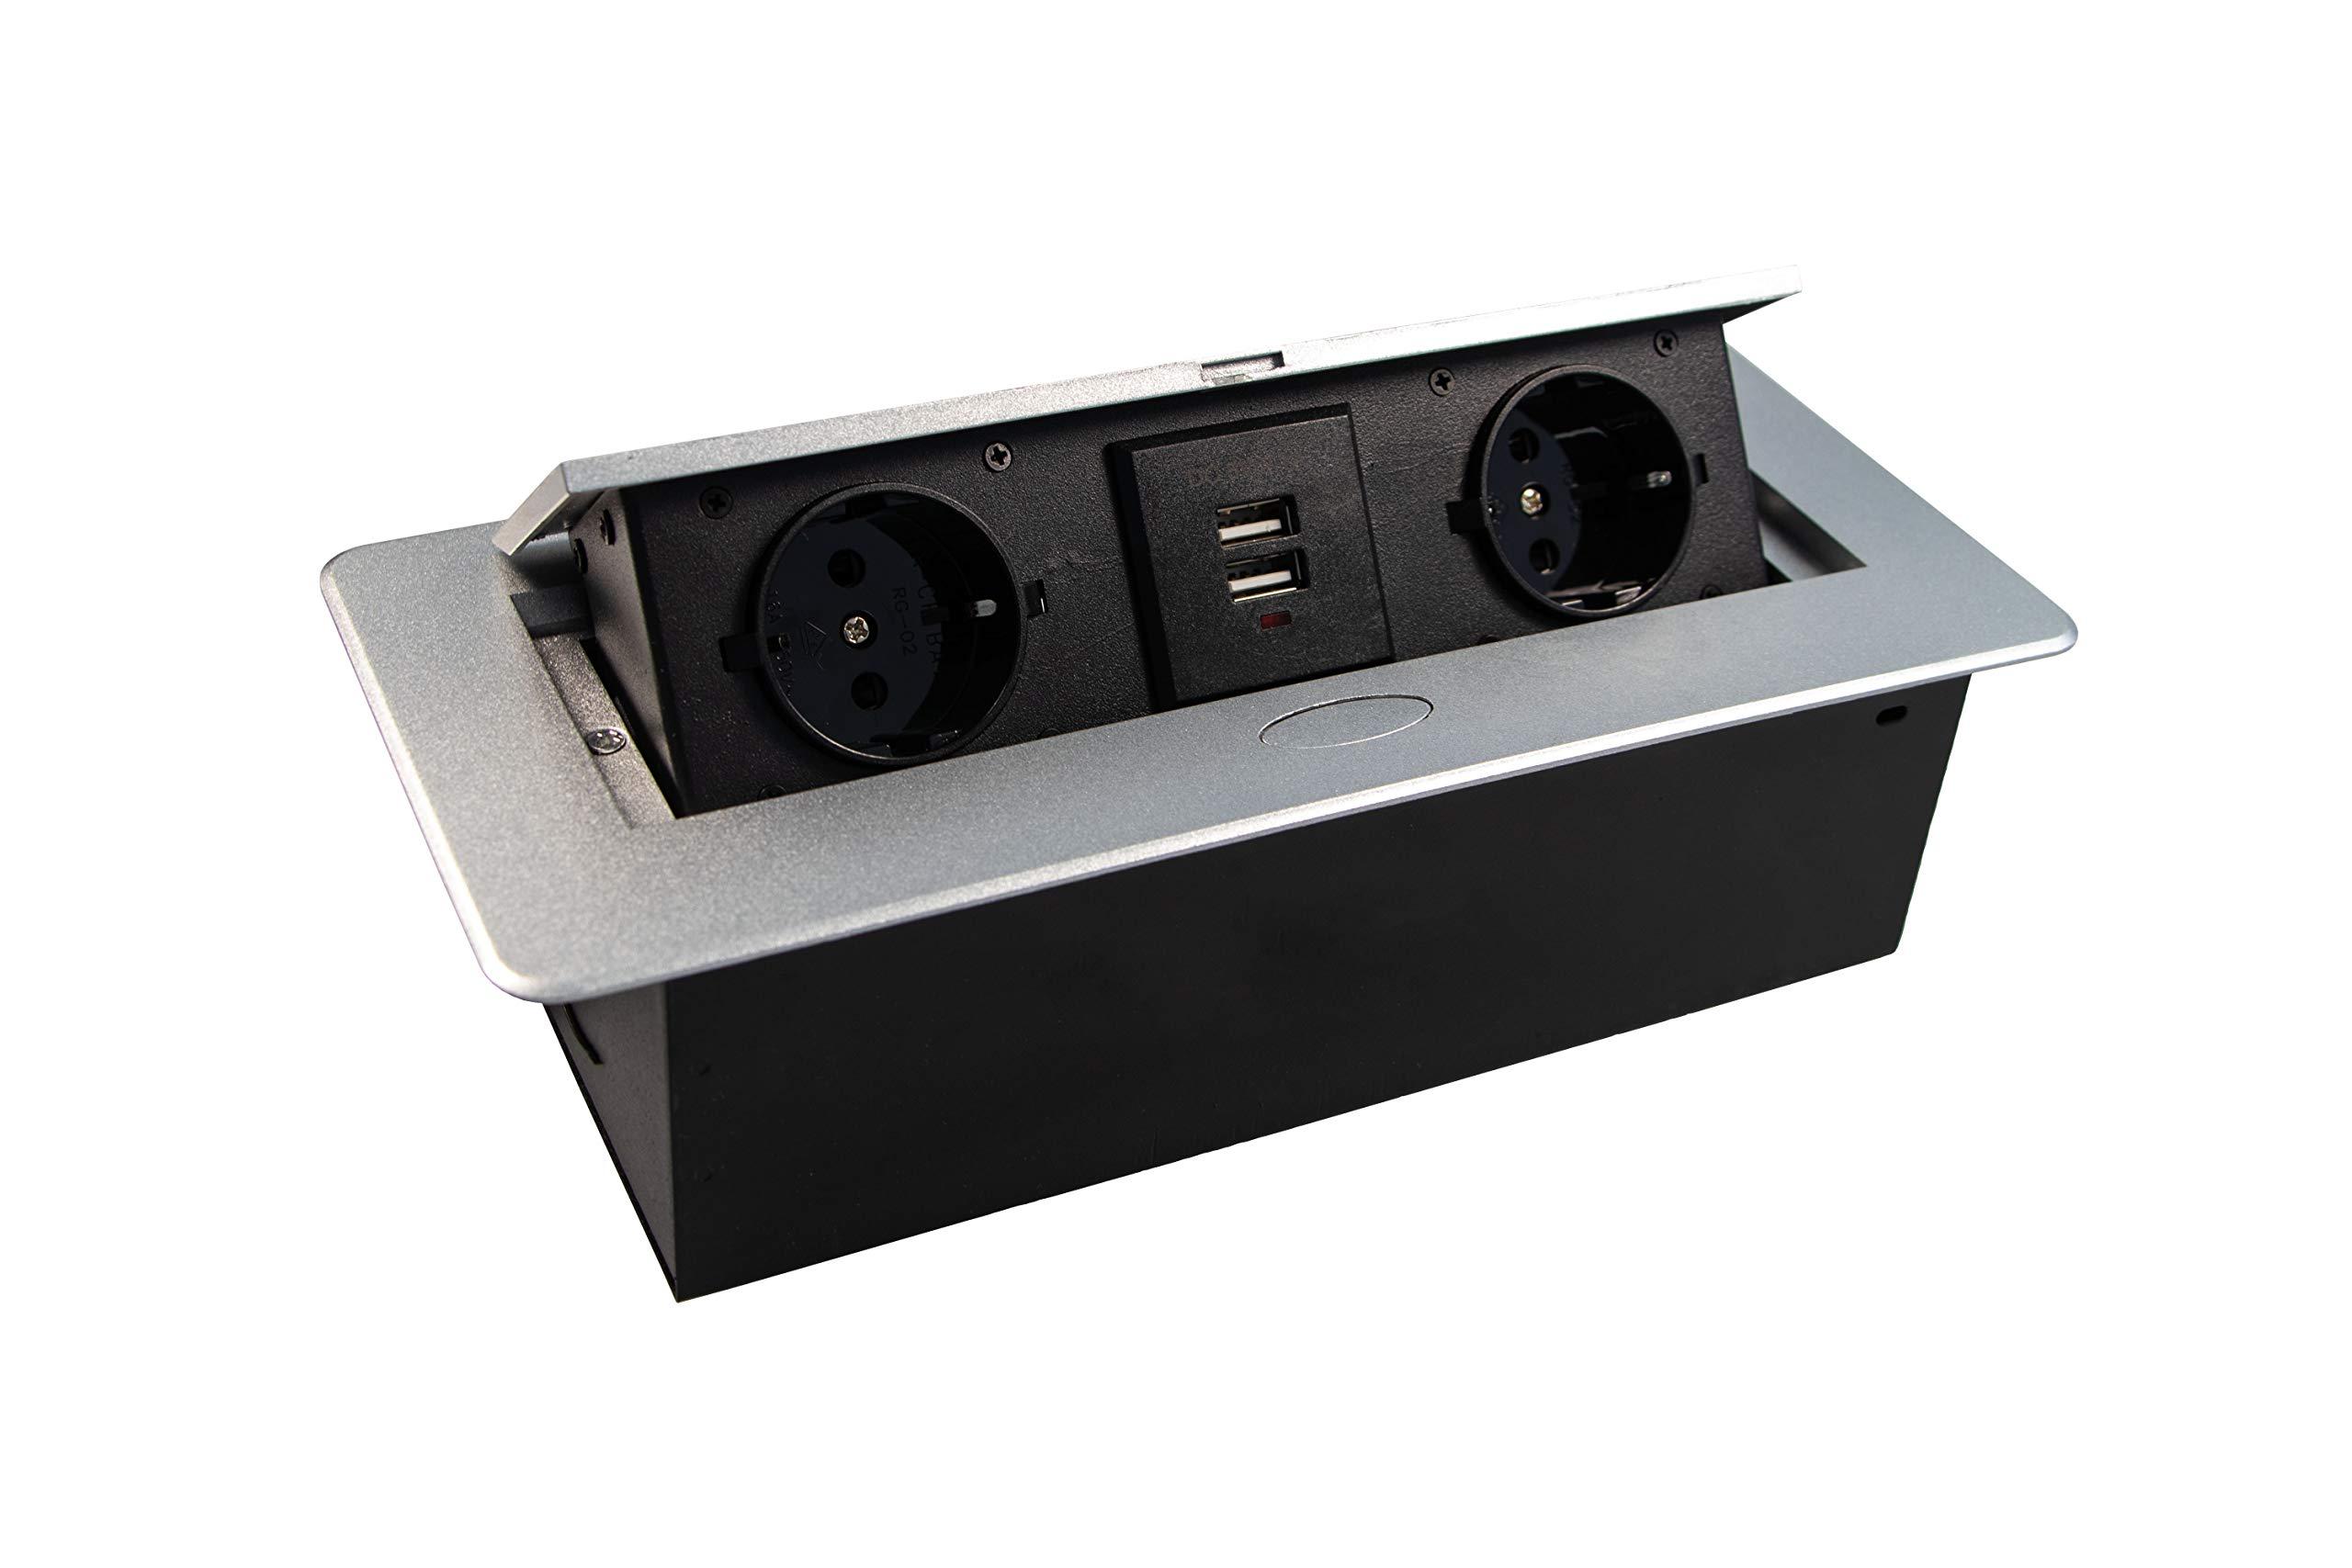 Gedotec - Caja de enchufe empotrable para cocina y escritorio (2 enchufes Schuco y 2 enchufes USB, tapa de cierre suave, 1 unidad), color plateado: Amazon.es: Bricolaje y herramientas